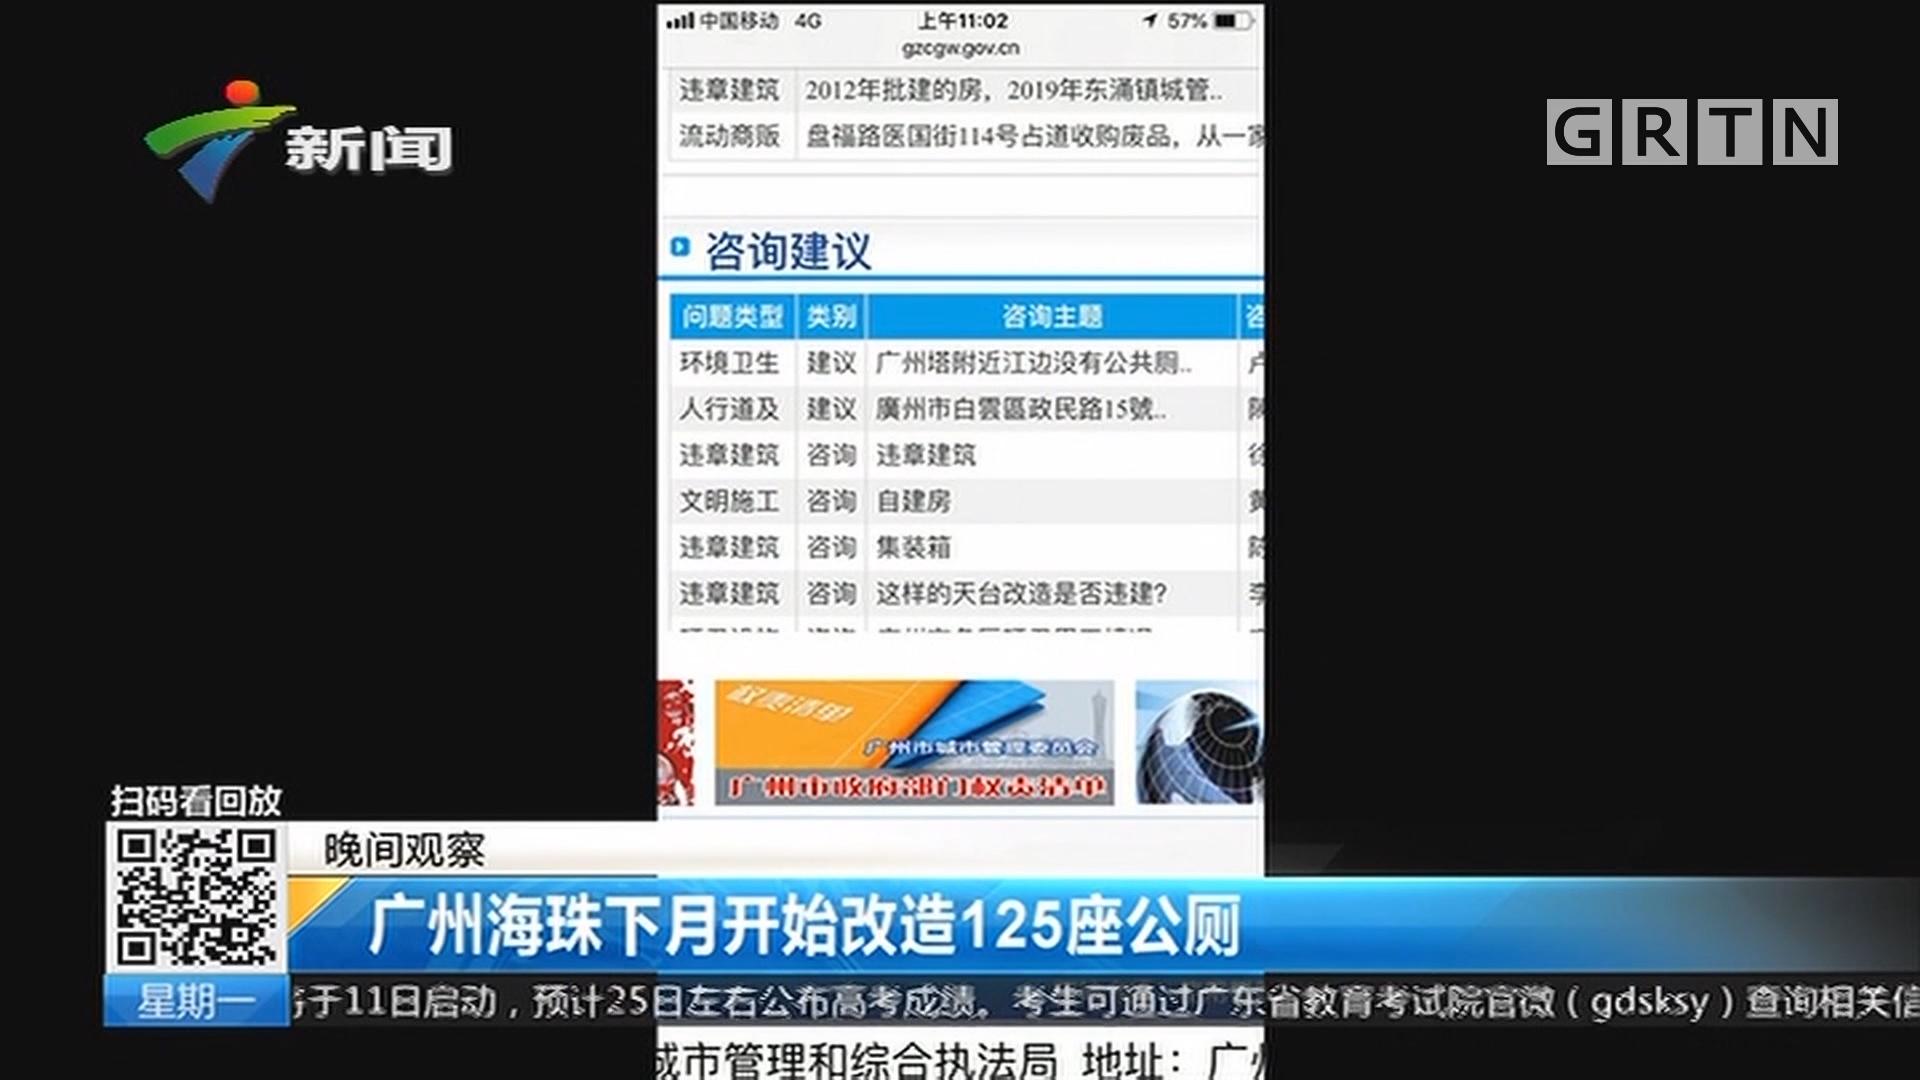 广州海珠下月开始改造125座公厕